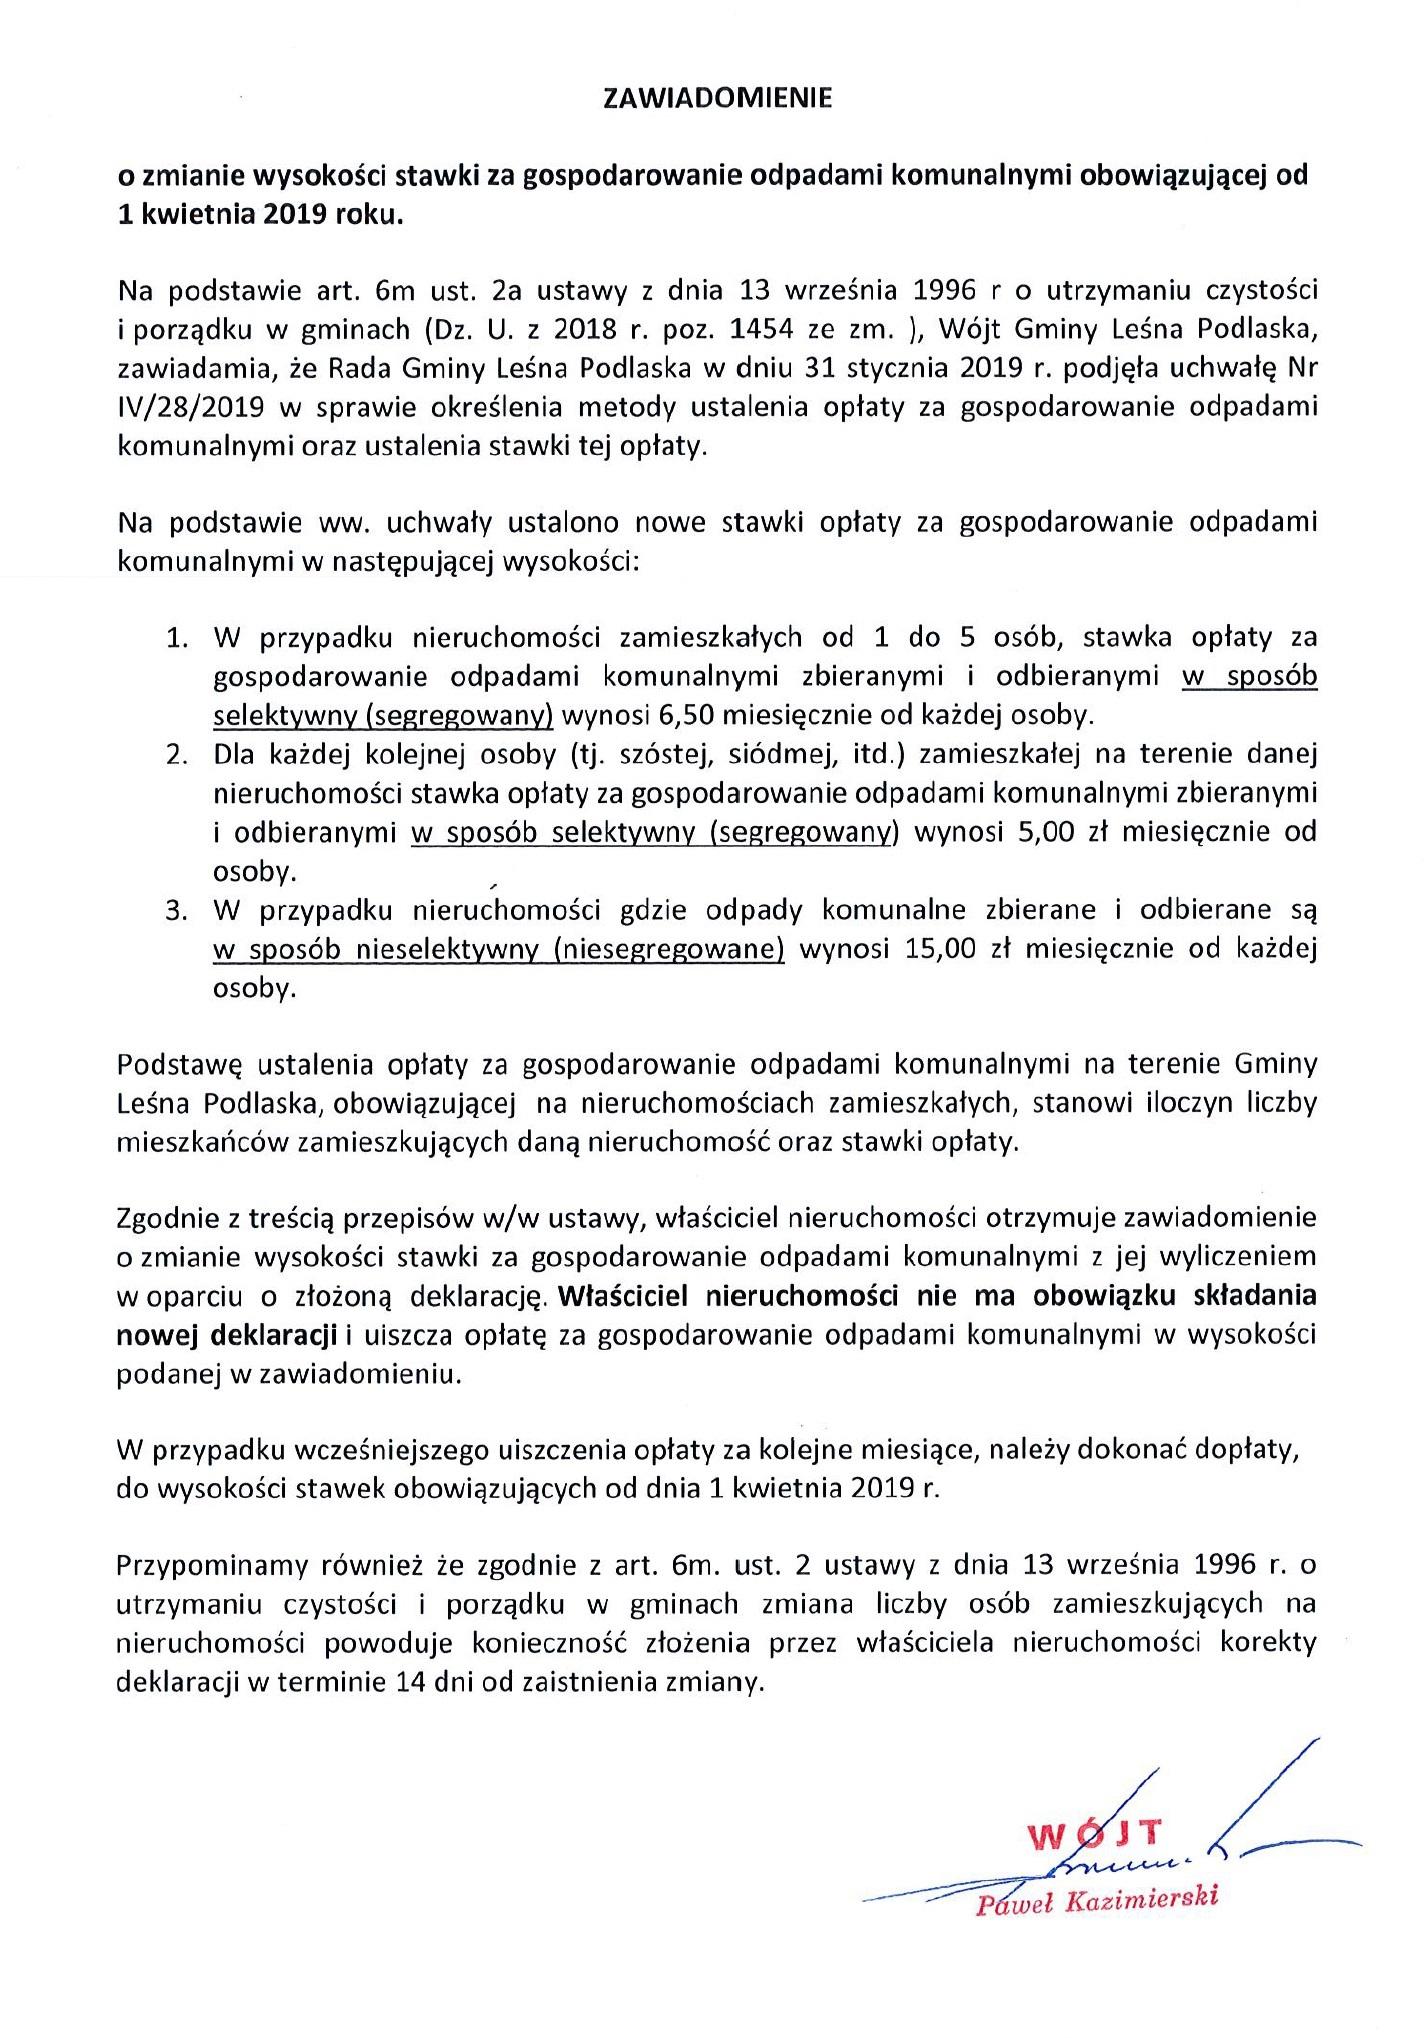 - 2019_ug_odpady_komun.zawiad.jpg